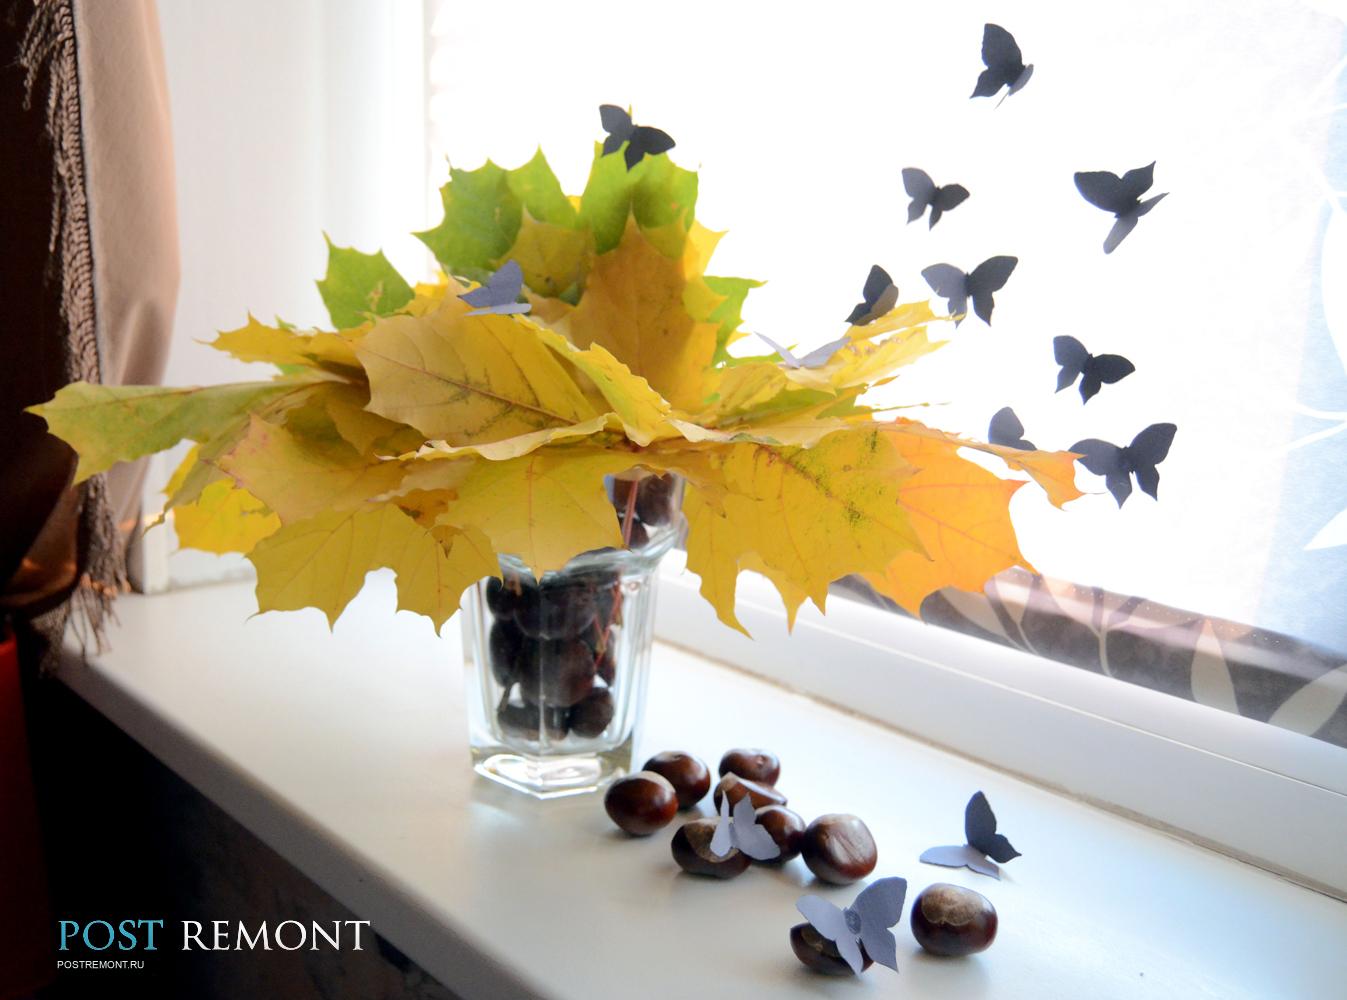 Картинки на окно трафареты для осеннего декора